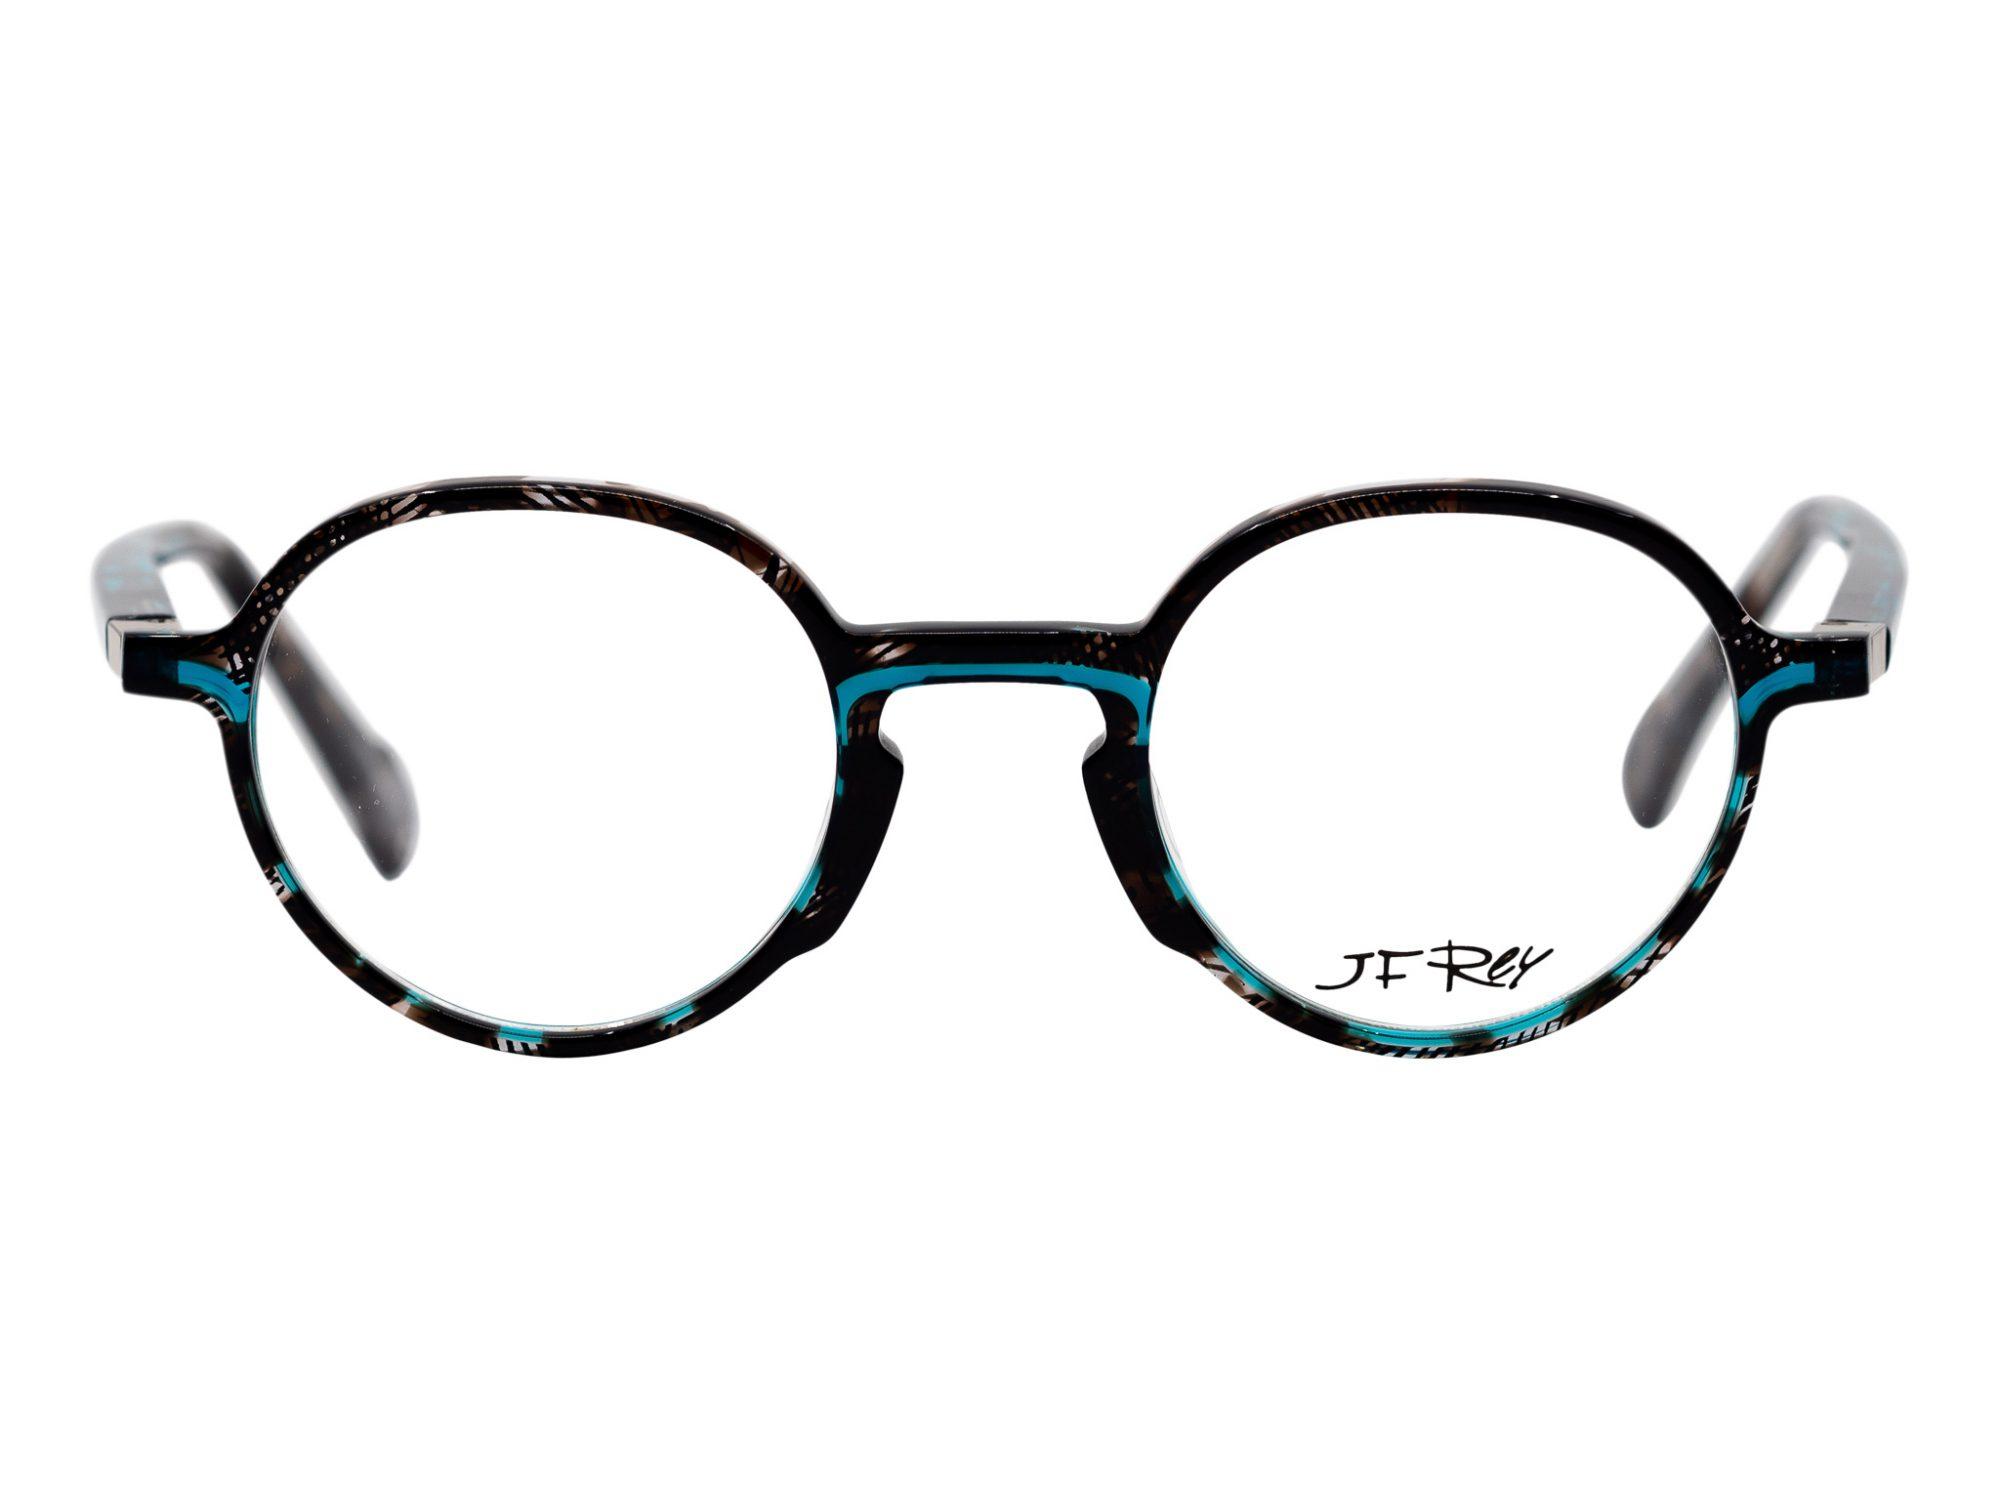 JF Rey JF14980025